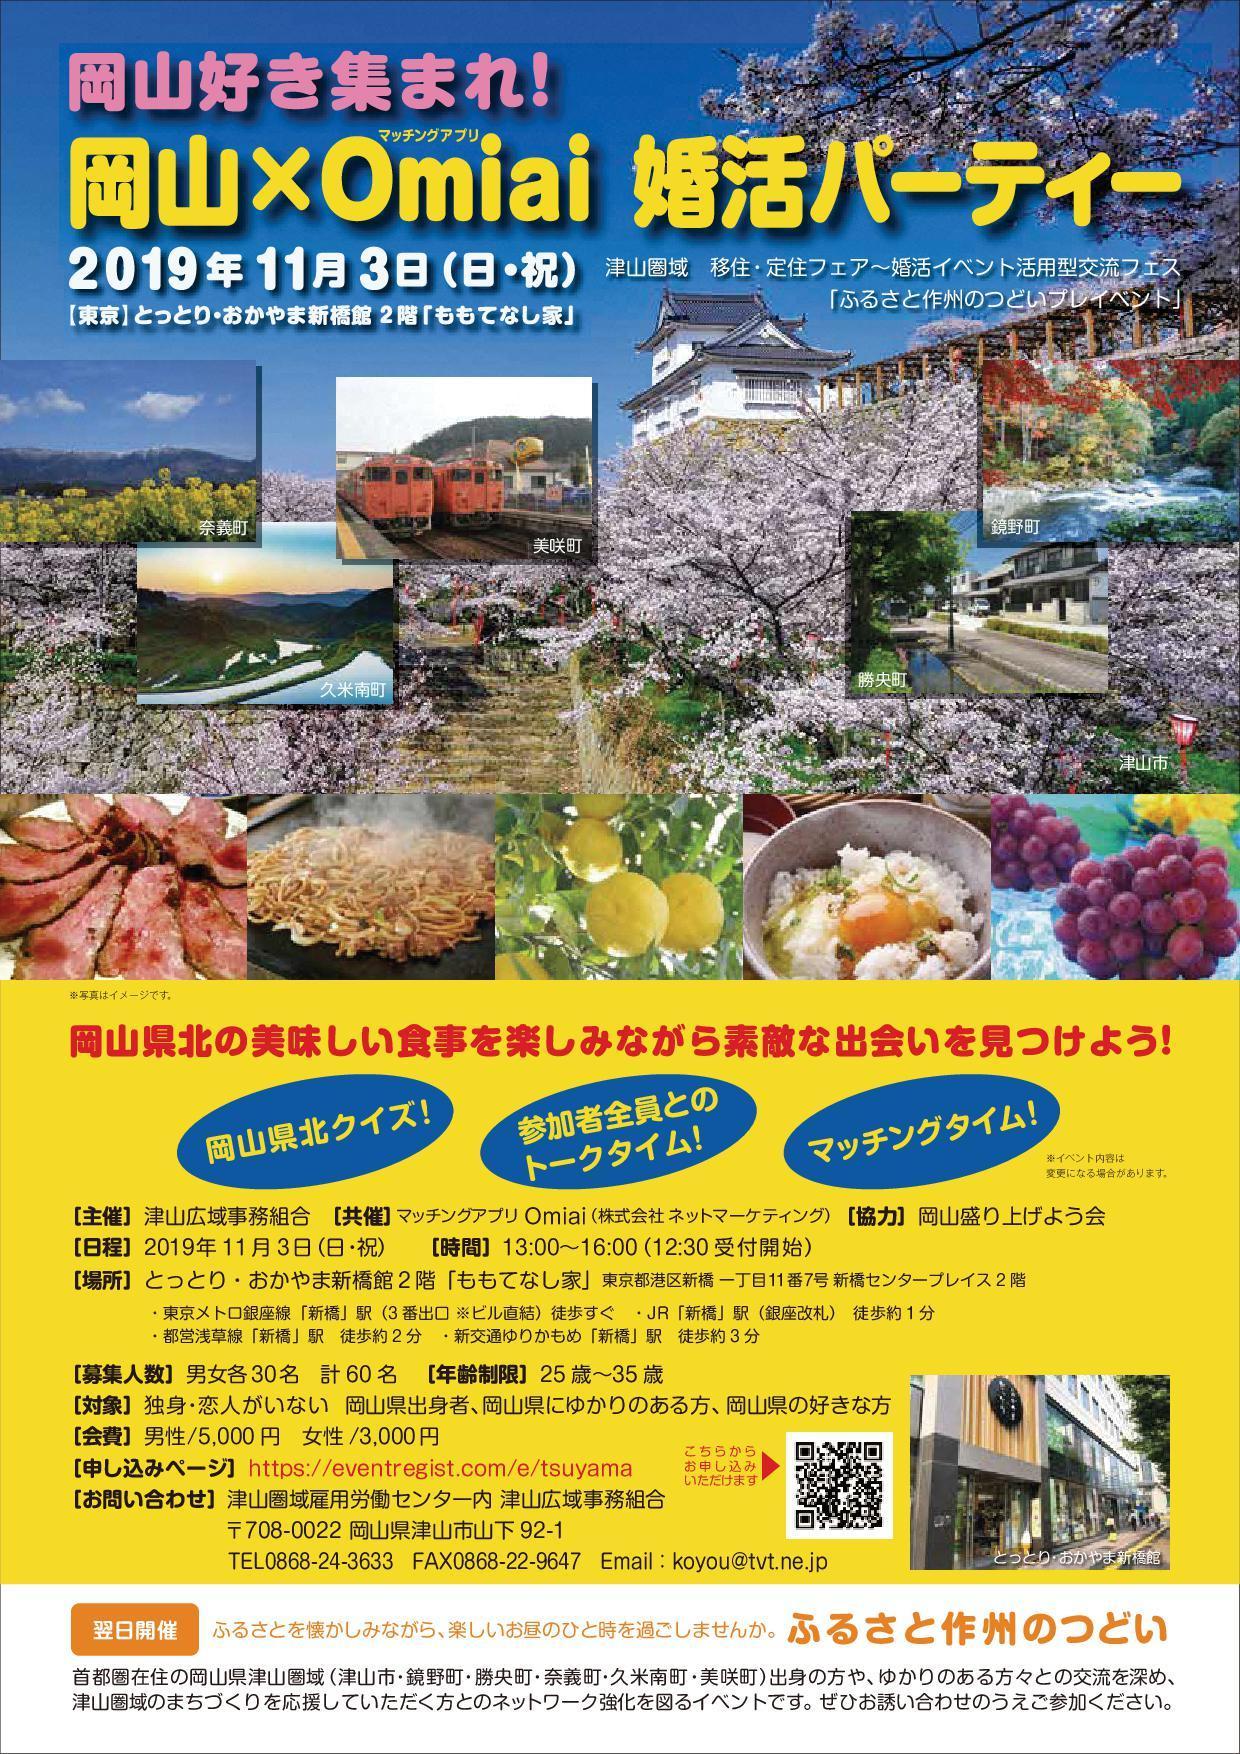 2019年11月3日(日)開催 岡山×Omiai 婚活パーティー参加者募集のお知らせ